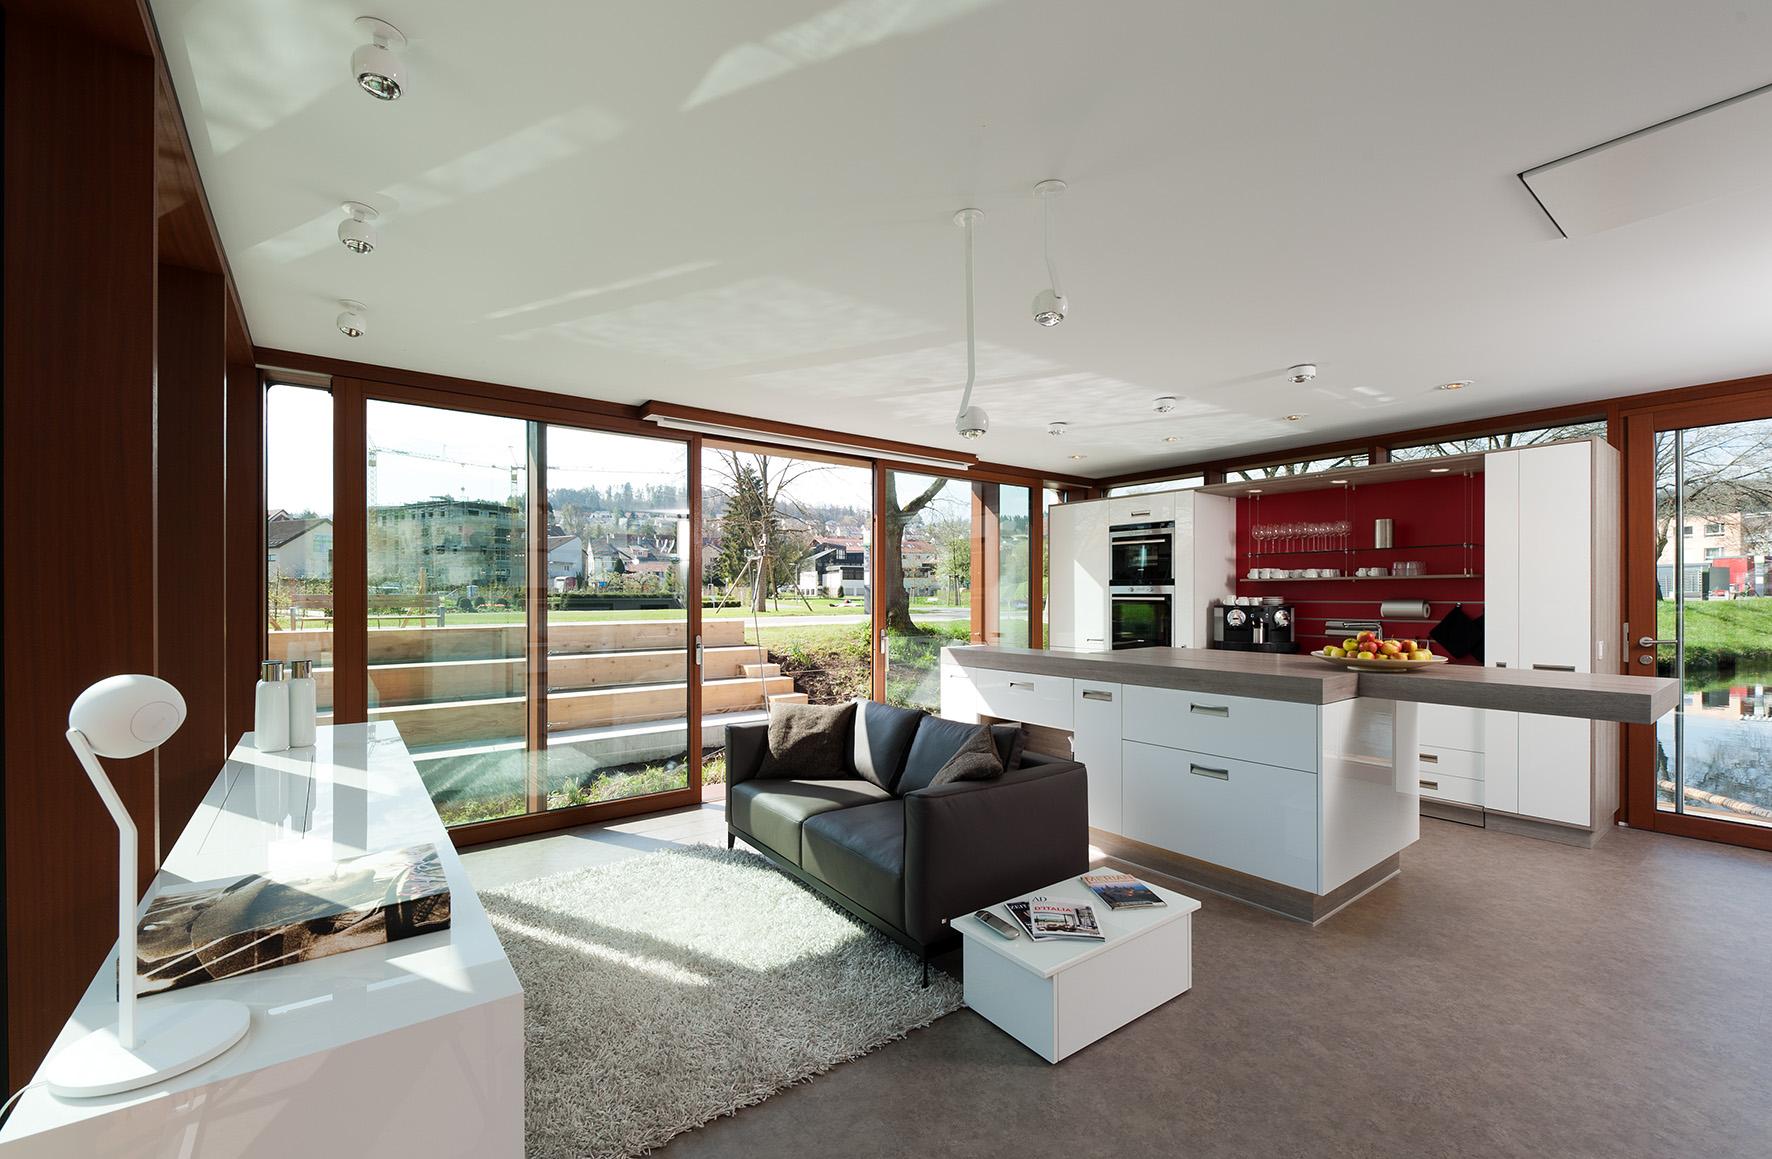 wohnen auf dem wasser presseb ro k hler pressemitteilung. Black Bedroom Furniture Sets. Home Design Ideas